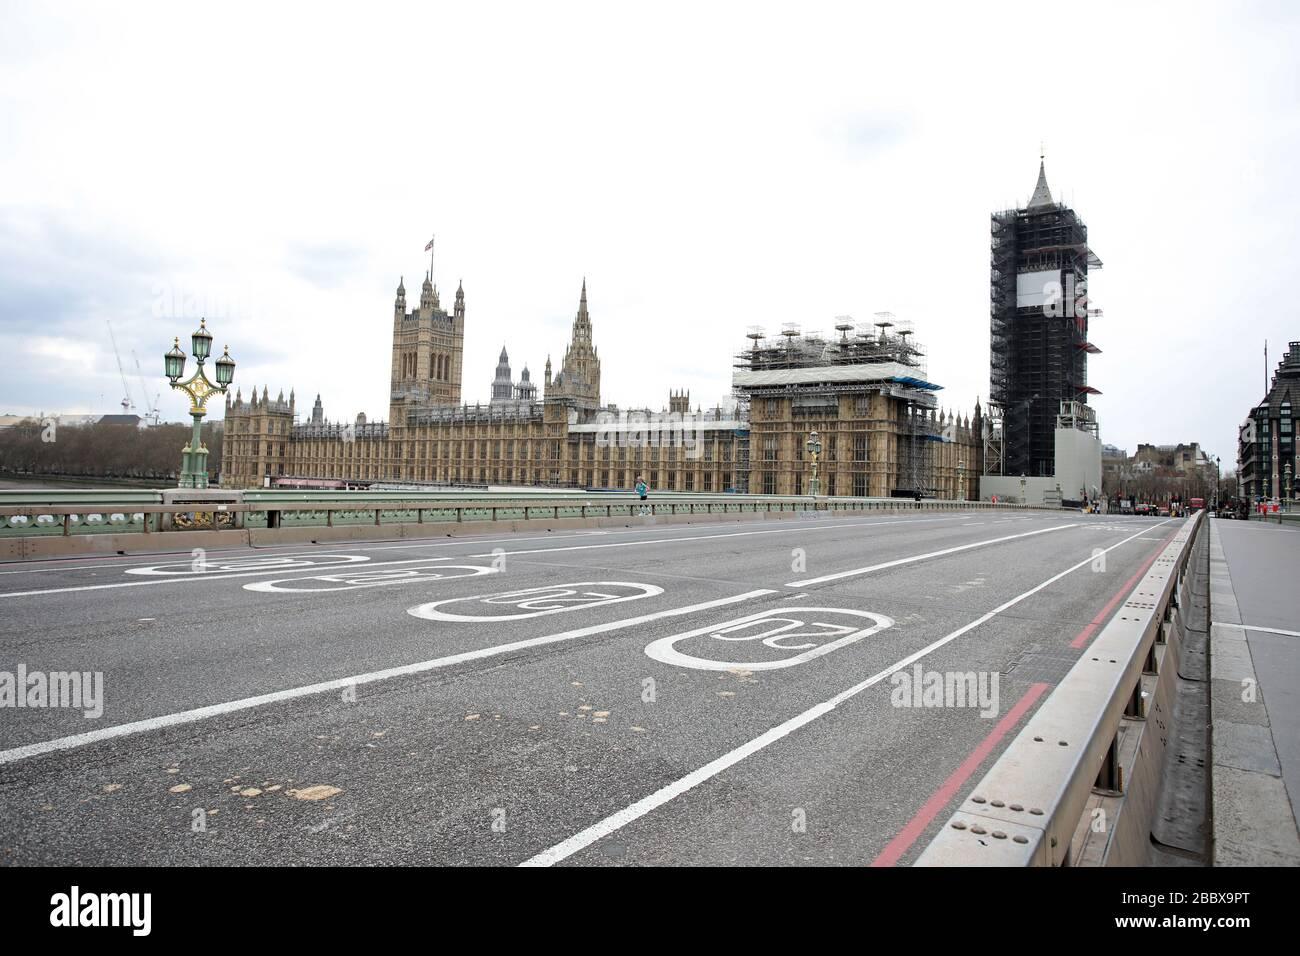 Londres, Reino Unido. 1 de abril de 2020. Día nueve de Lockdown en Londres. El puente de Westminster está casi vacío mientras el país se encuentra bloqueado debido a la pandemia del coronavirus COVID-19. No se permite a la gente salir de casa excepto por compras mínimas de alimentos, tratamiento médico, ejercicio - una vez al día, y trabajo esencial. COVID-19 Coronavirus Lockdown, Londres, Reino Unido, el 1 de abril de 2020 crédito: Paul Marriott/Alamy Live News Foto de stock